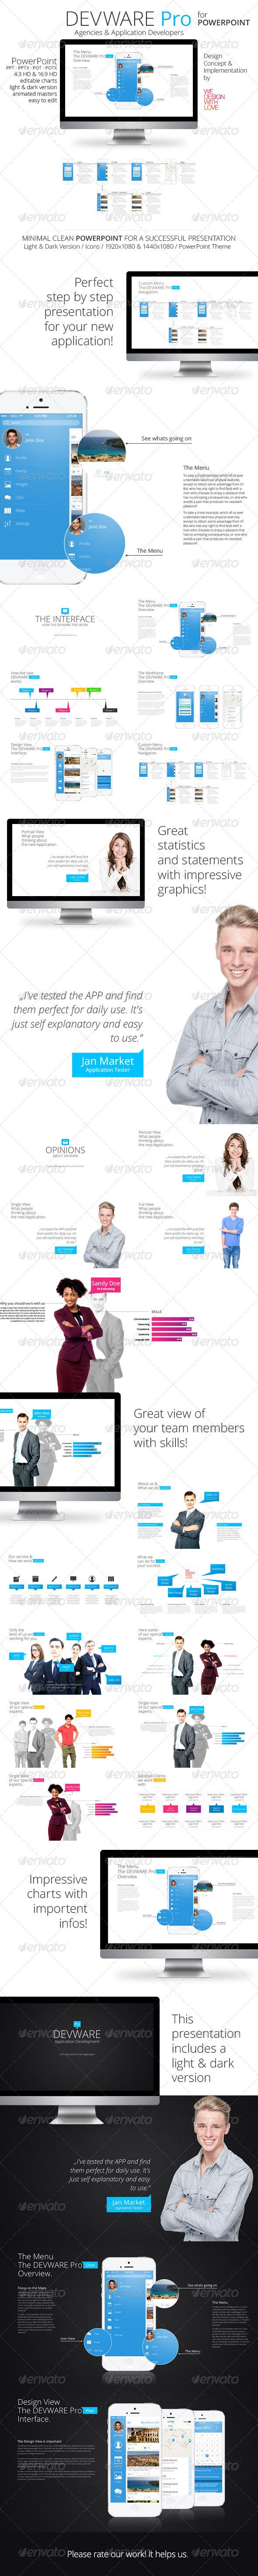 GraphicRiver Devware Pro light & dark PowerPoint 140 Slides 6047634